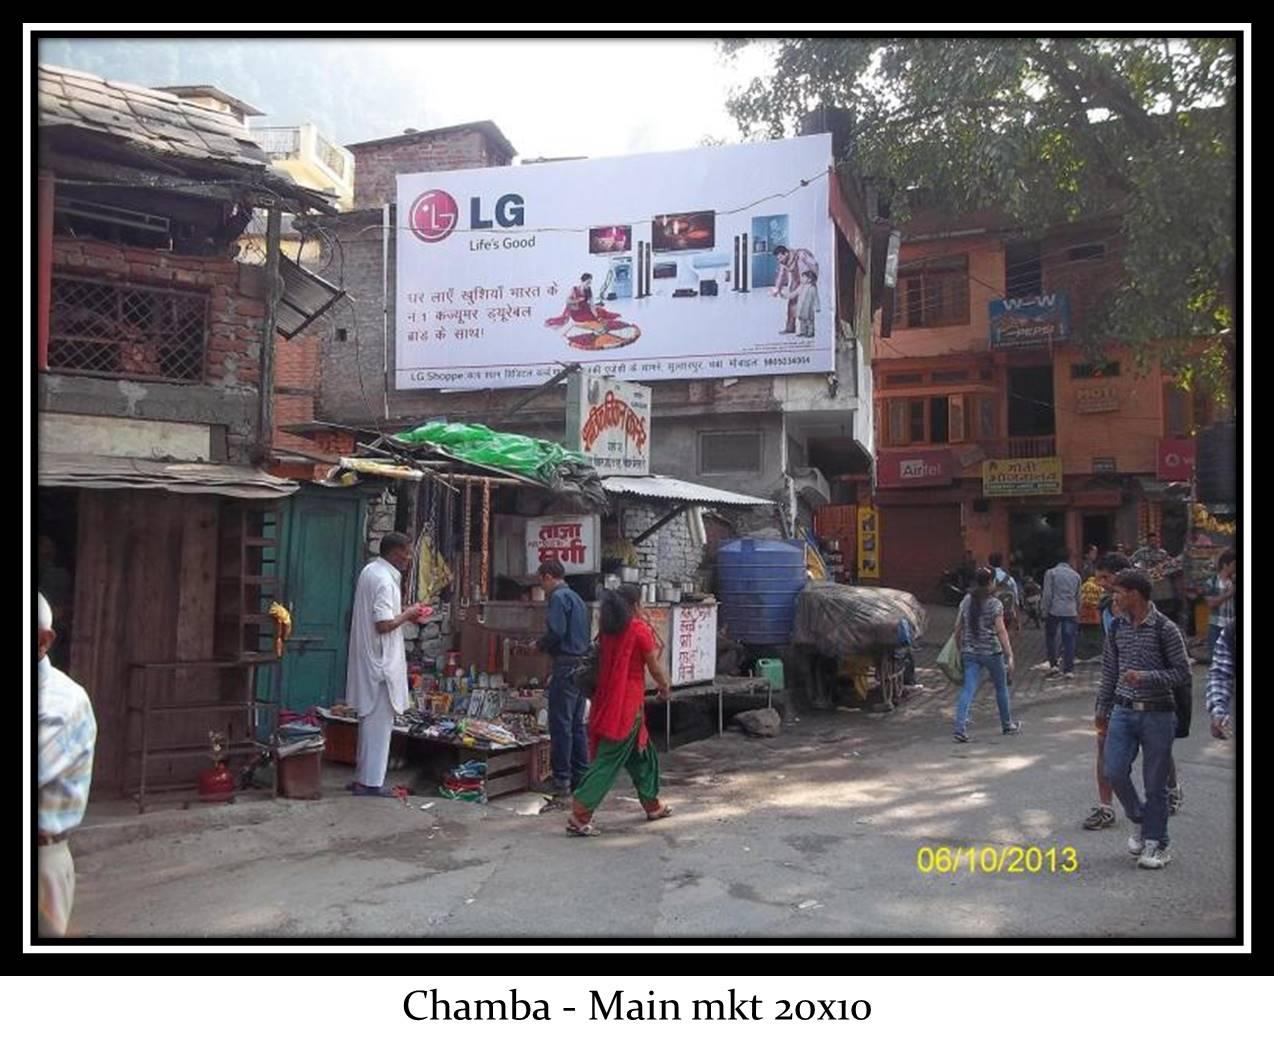 Main market, Chamba